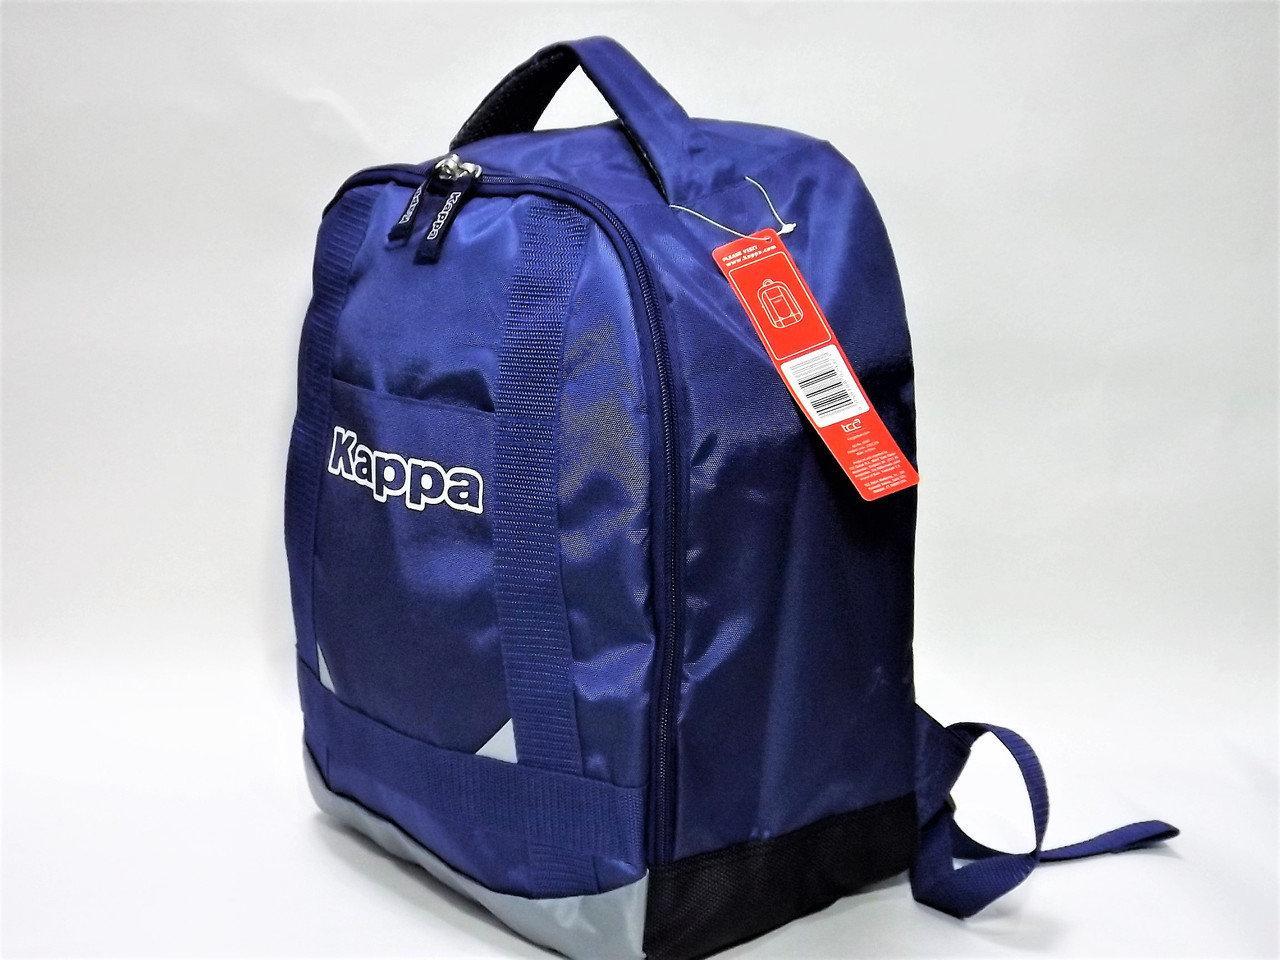 Рюкзак спортивный Kappa синий  (2001206) - Оригинал